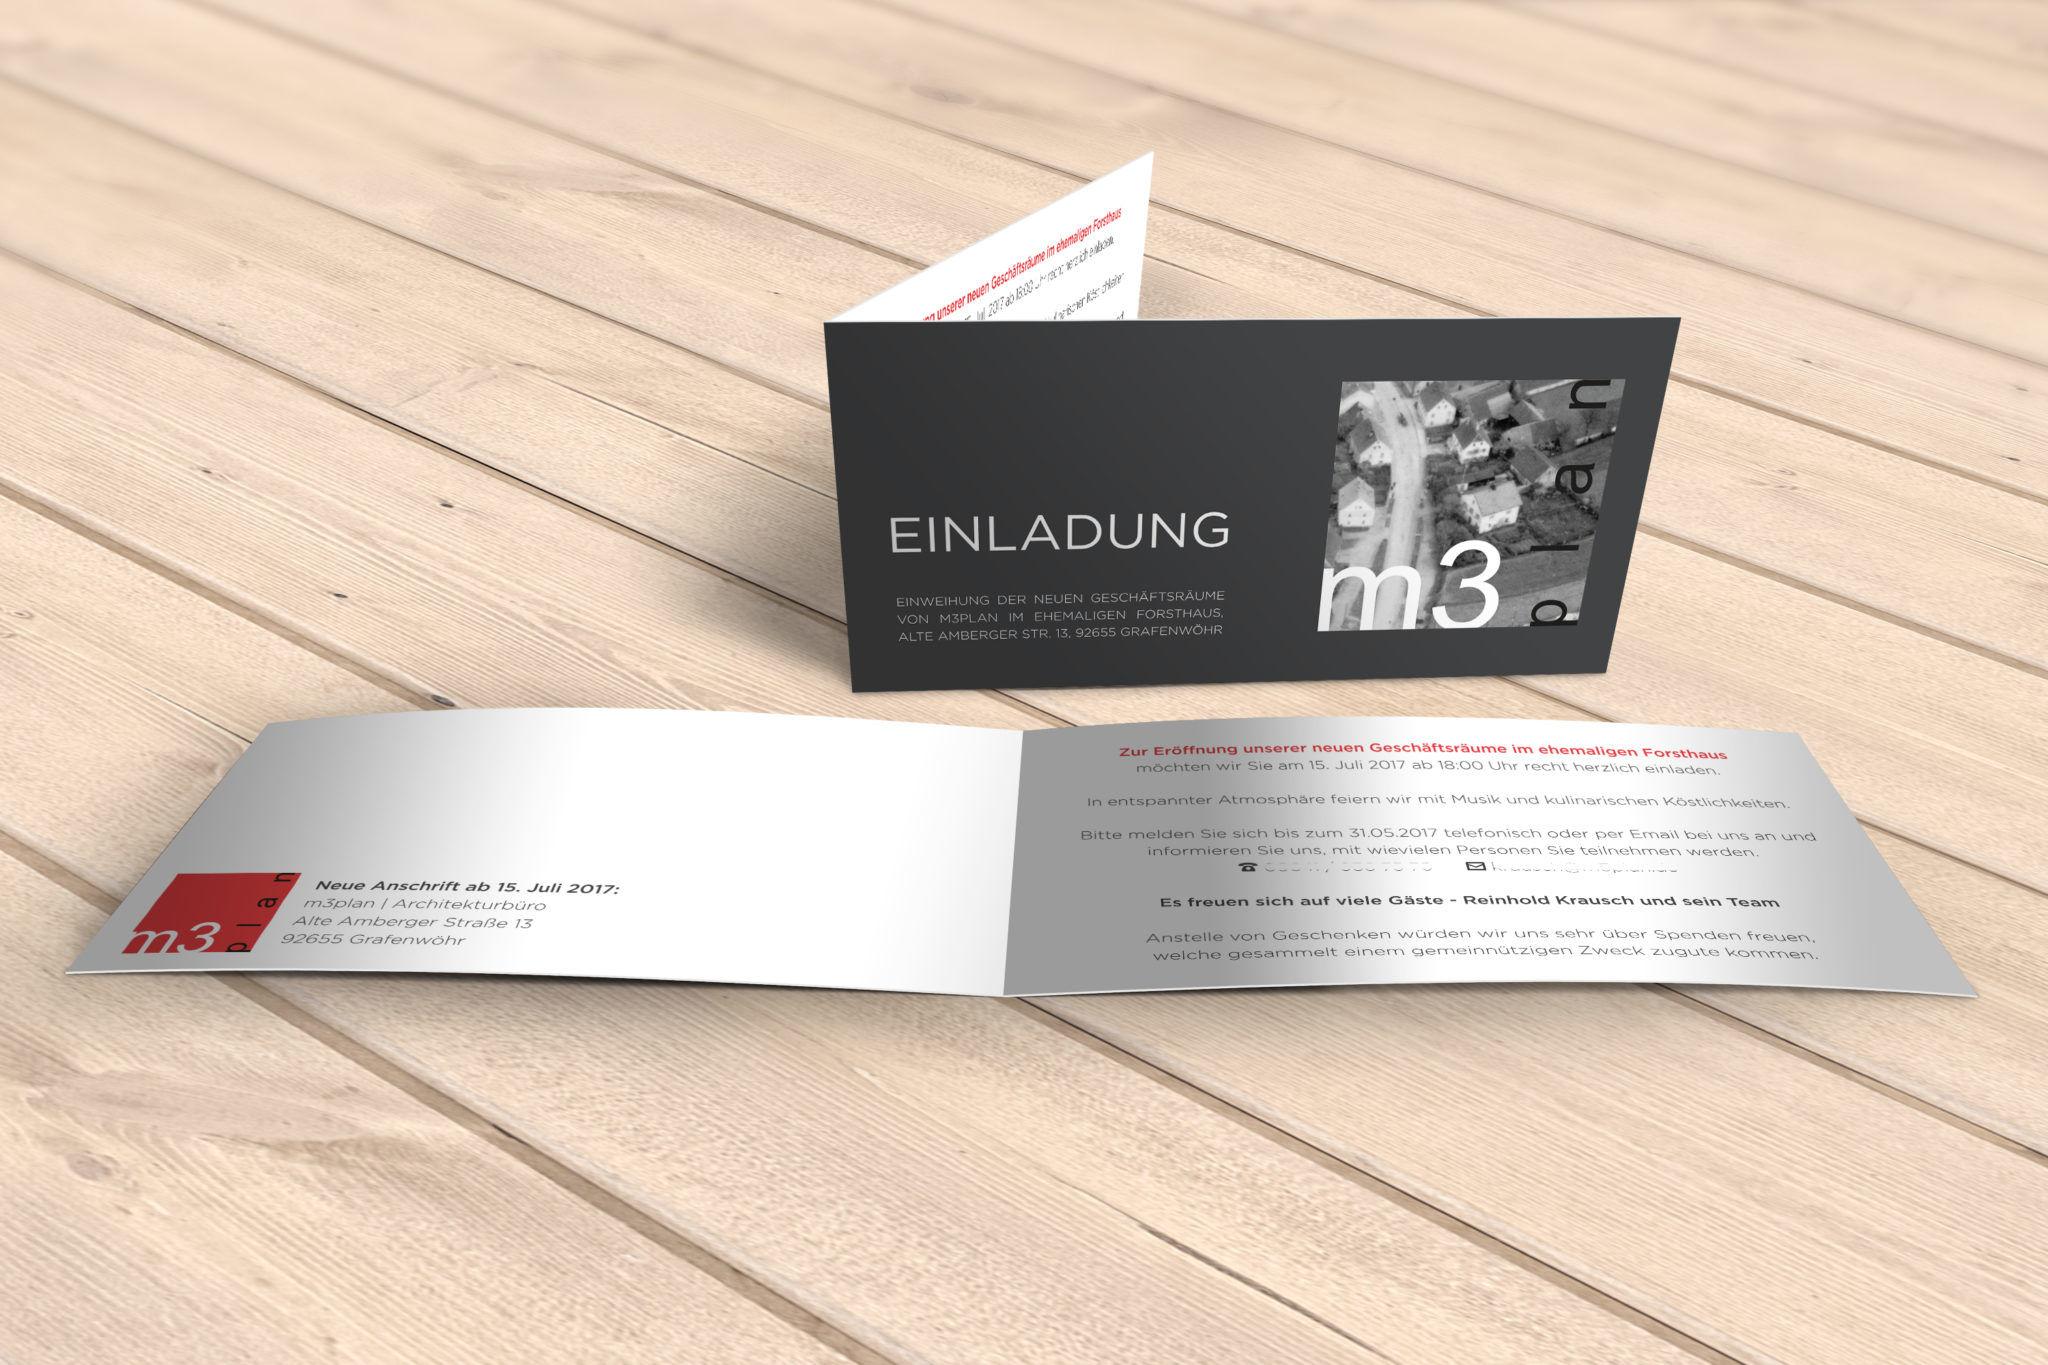 Einladung Krausch m3plan